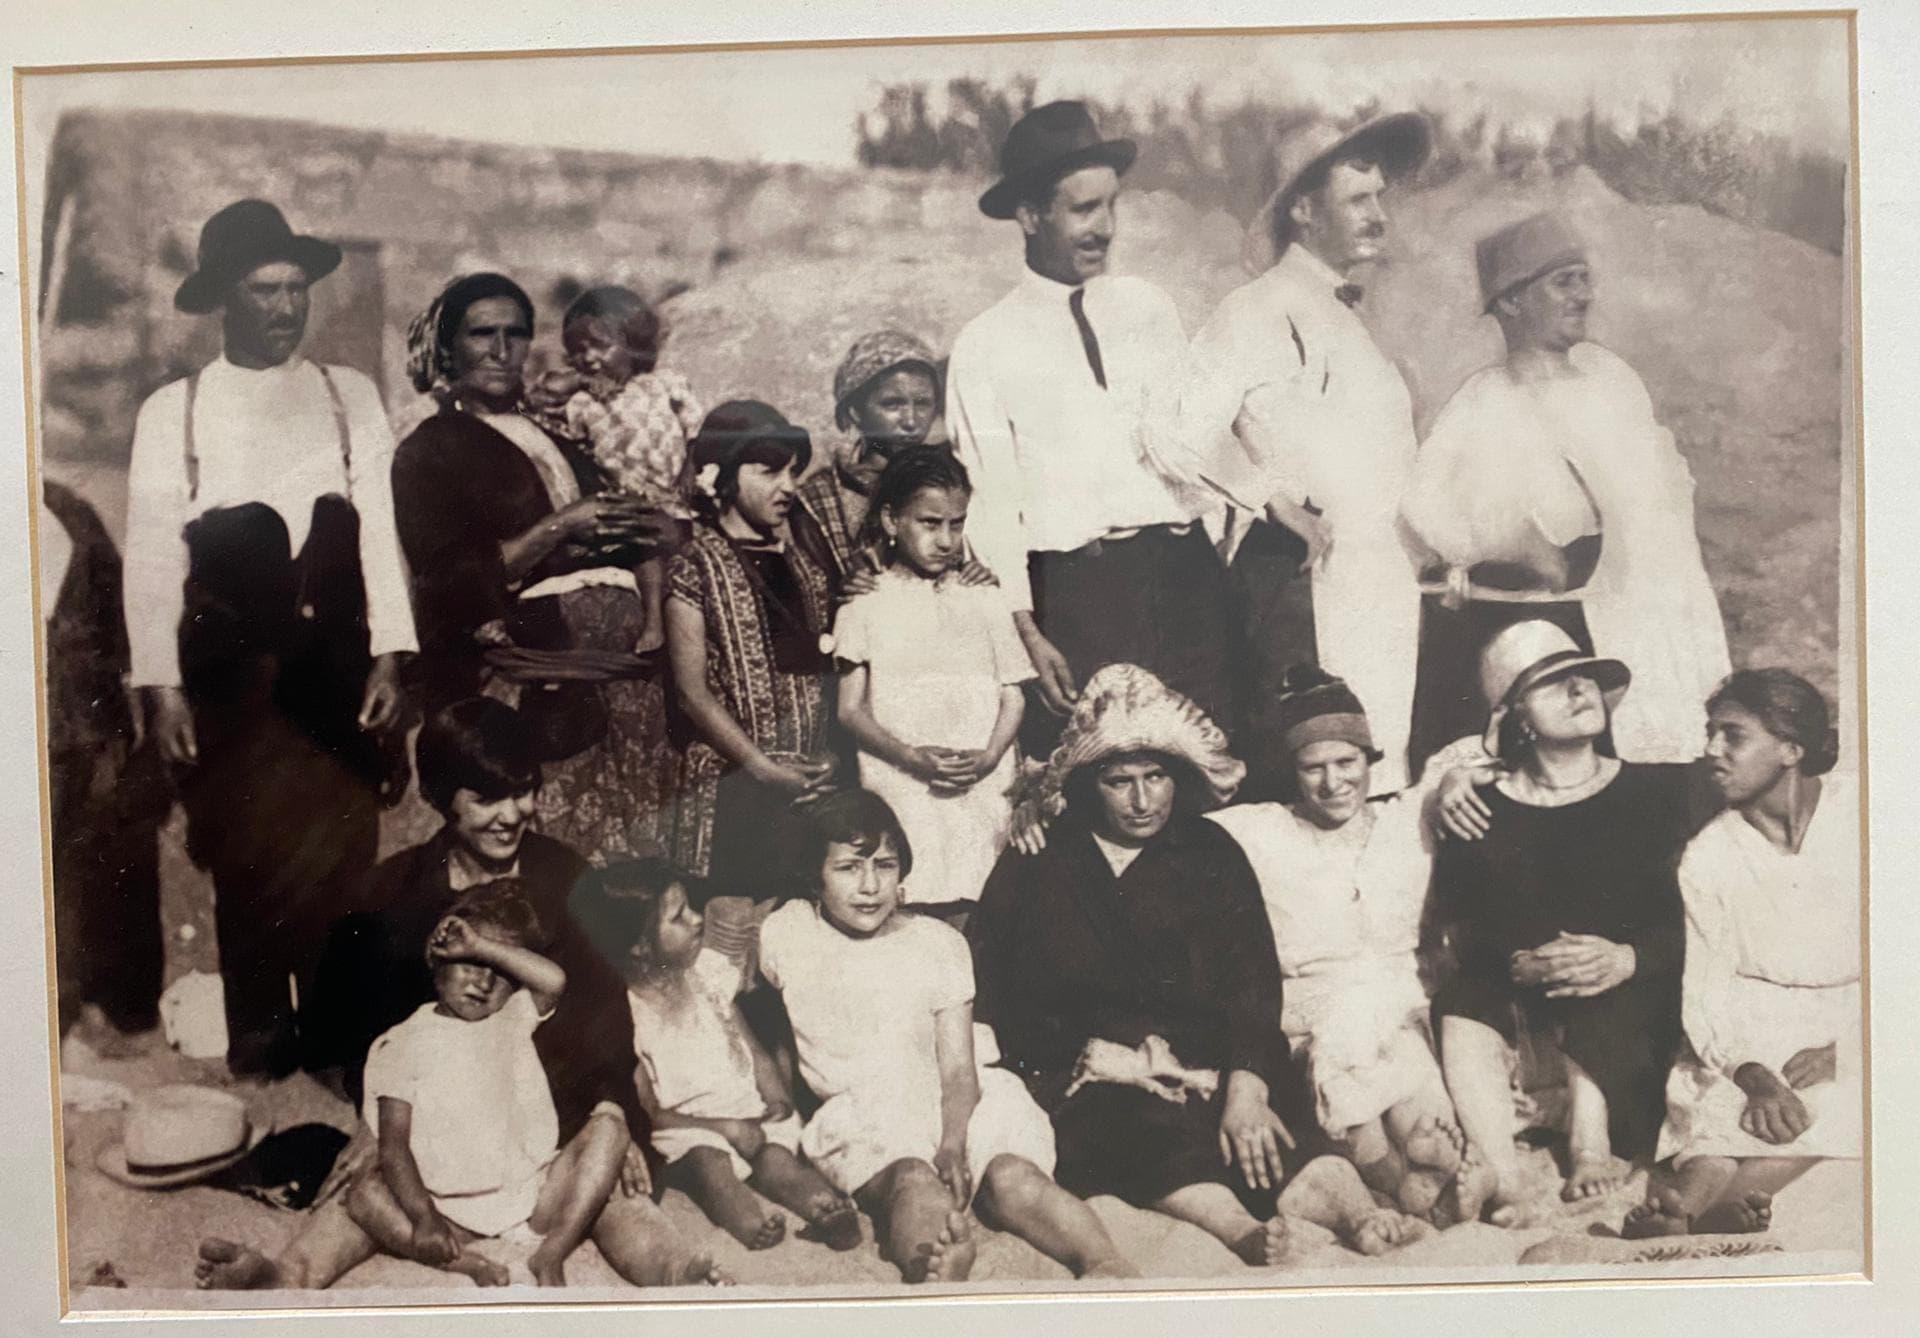 Foto-na-Praia-de-Lavadores-Gracinda-c.-35-anos-c.-1930-PARTE-2